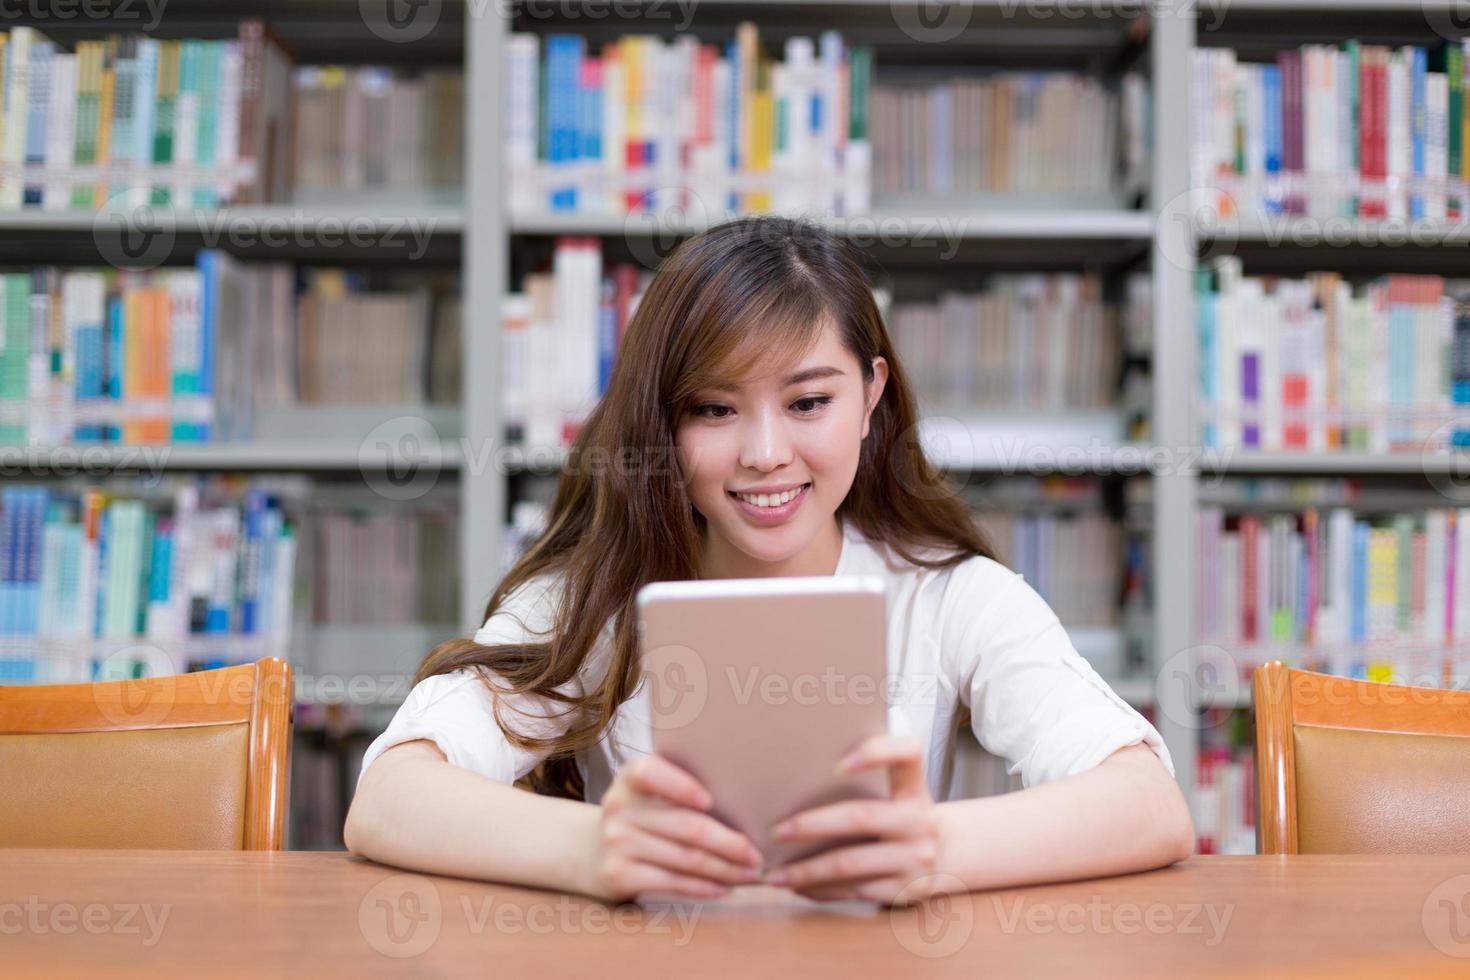 mooie Aziatische vrouwelijke student met behulp van digitale tablet in bibliotheek foto